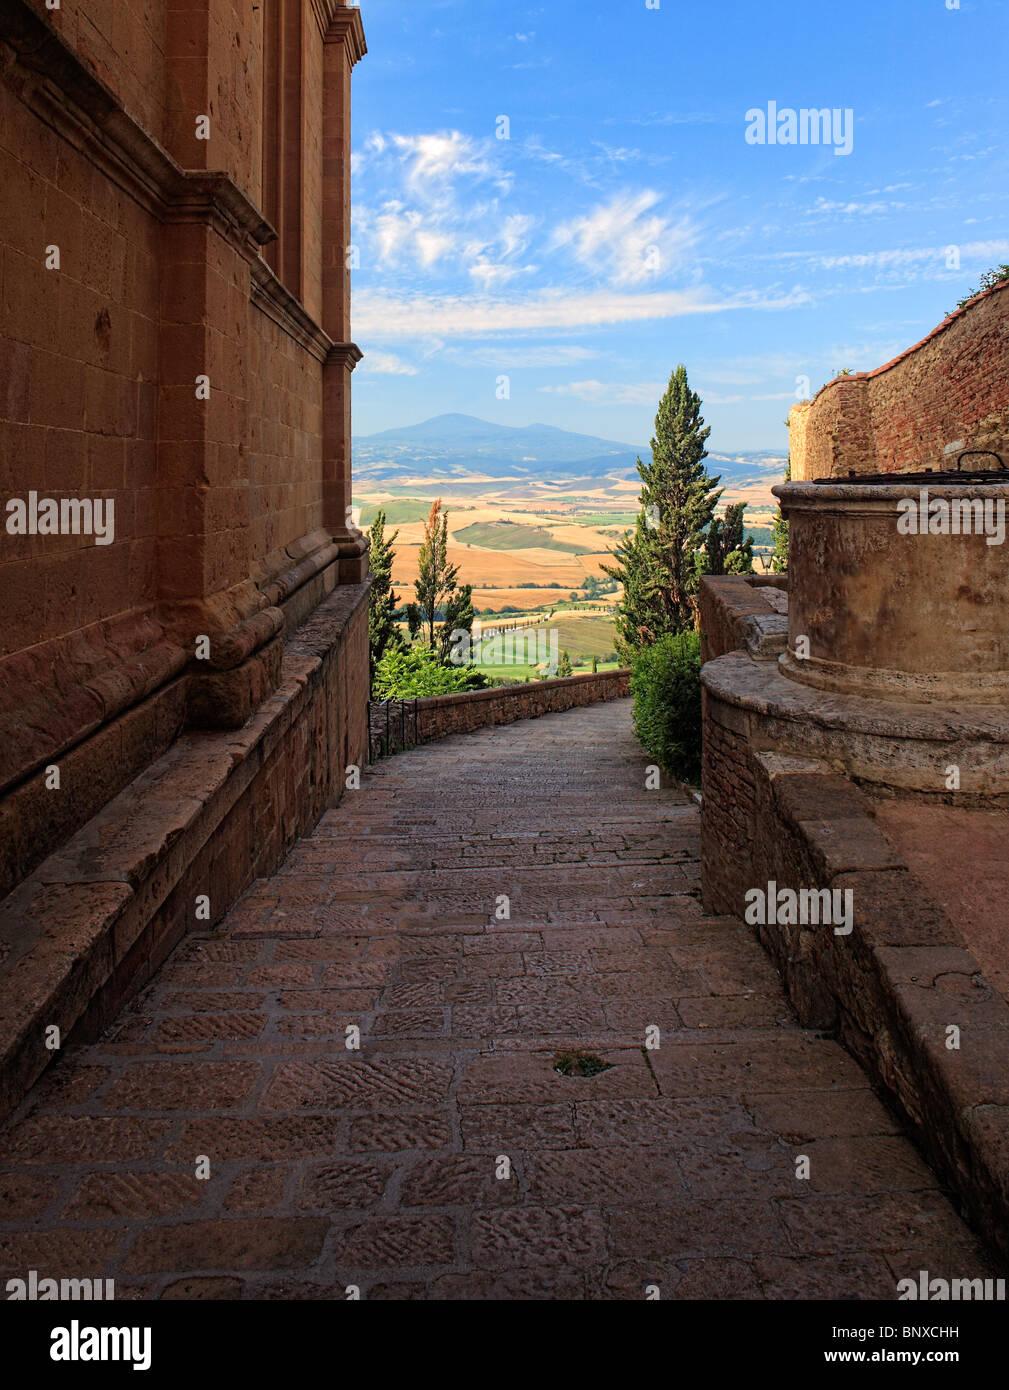 Gehweg in Pienza bietet atemberaubenden Blick auf die toskanische Landschaft Stockbild